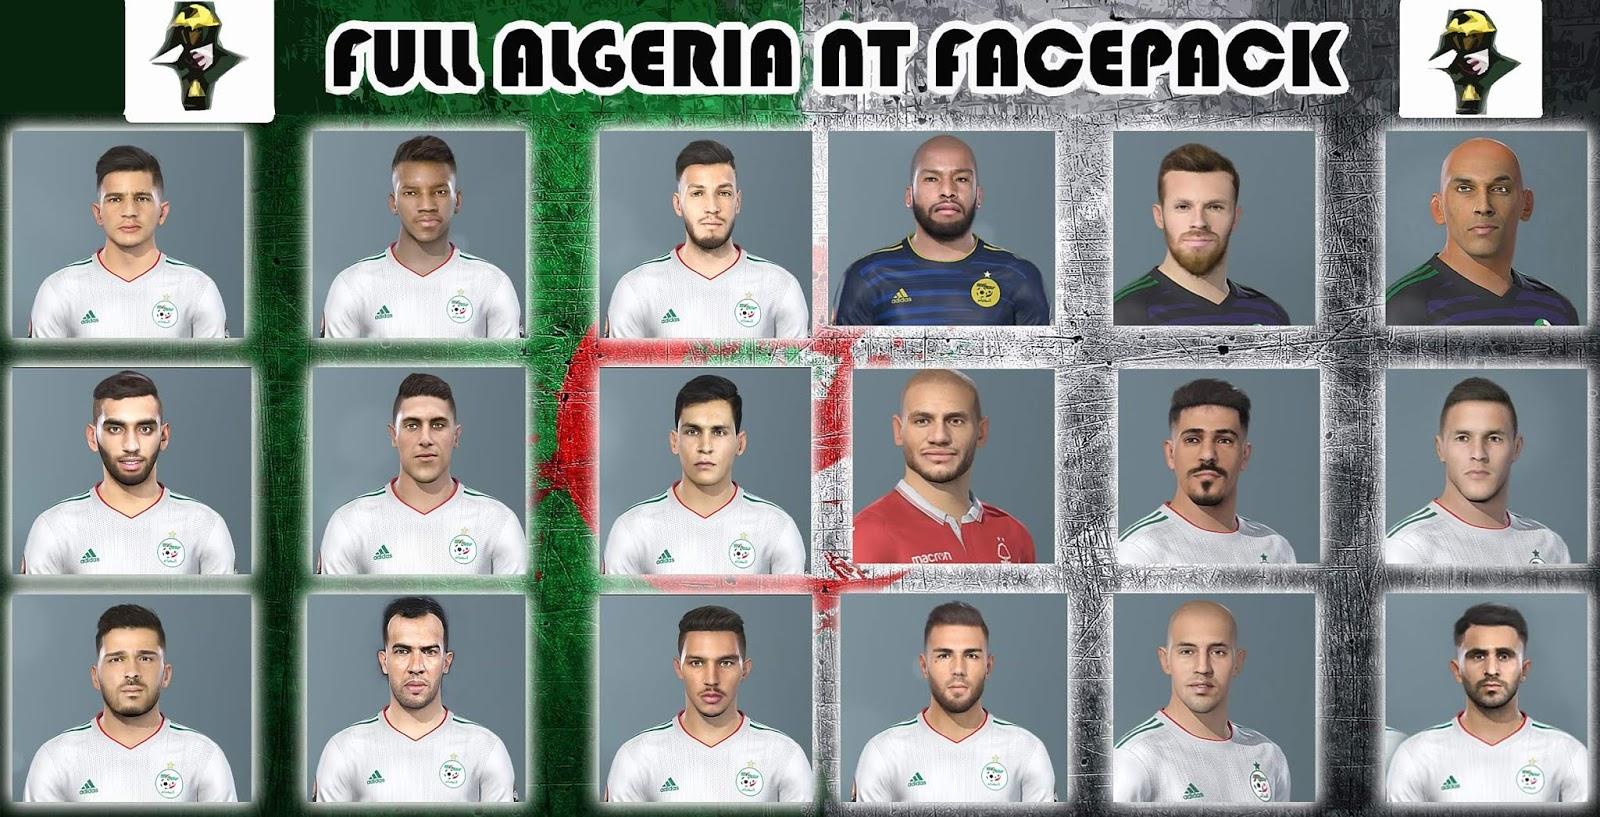 PES 2019 Full Algeria National Team Facepack - PLAY FOR U